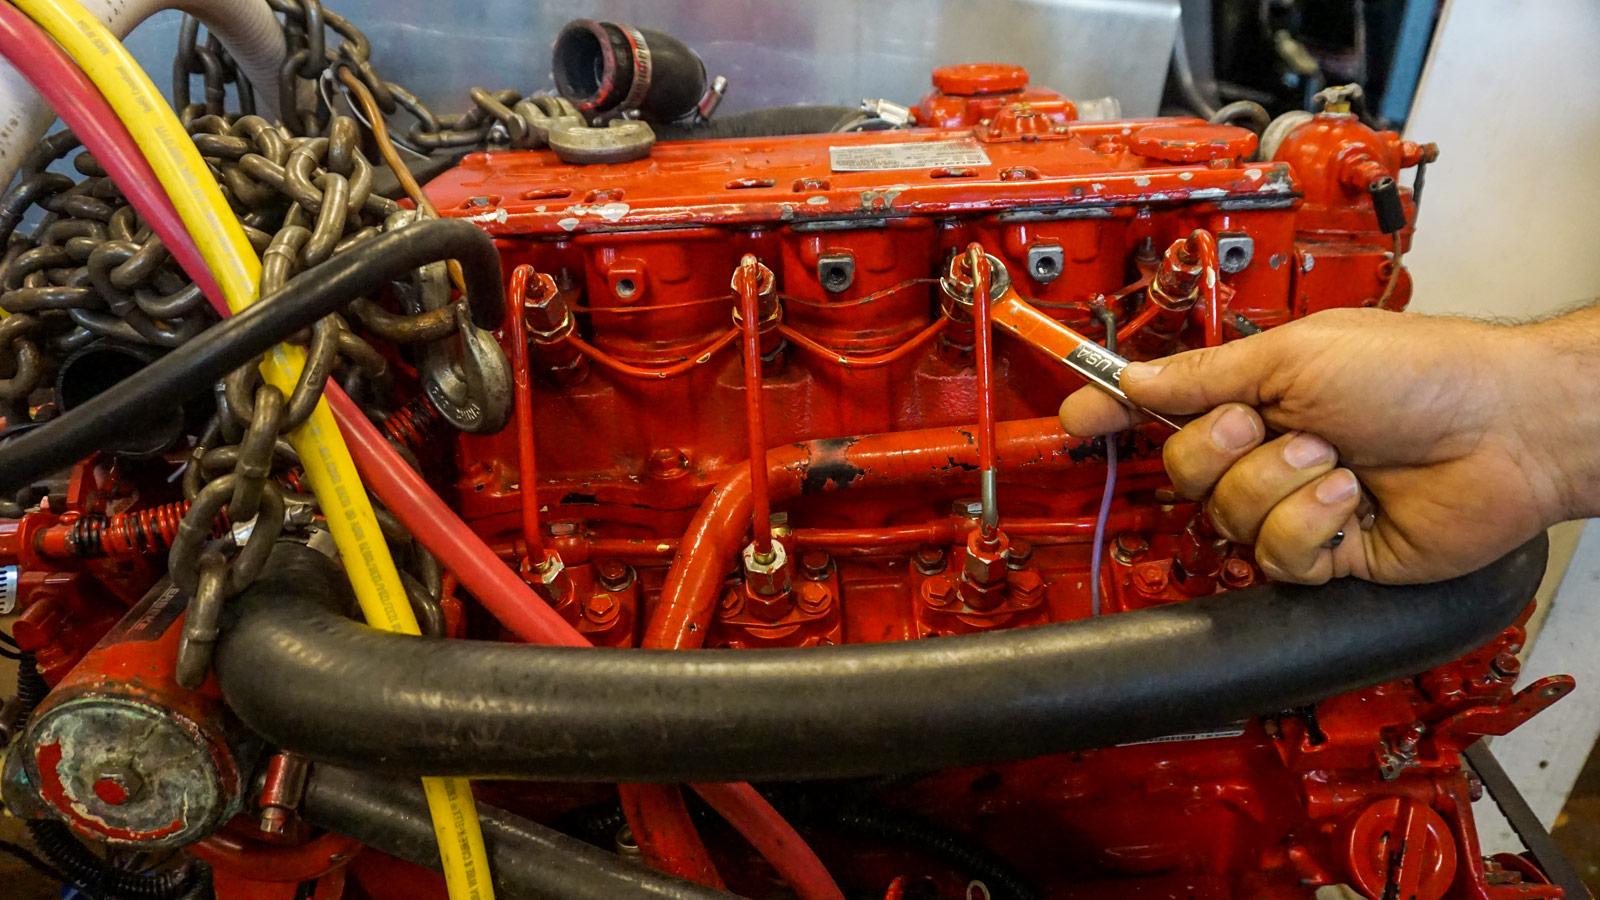 Cruiser's College's Diesel Engine Maintenance Class with Matt Mardesich